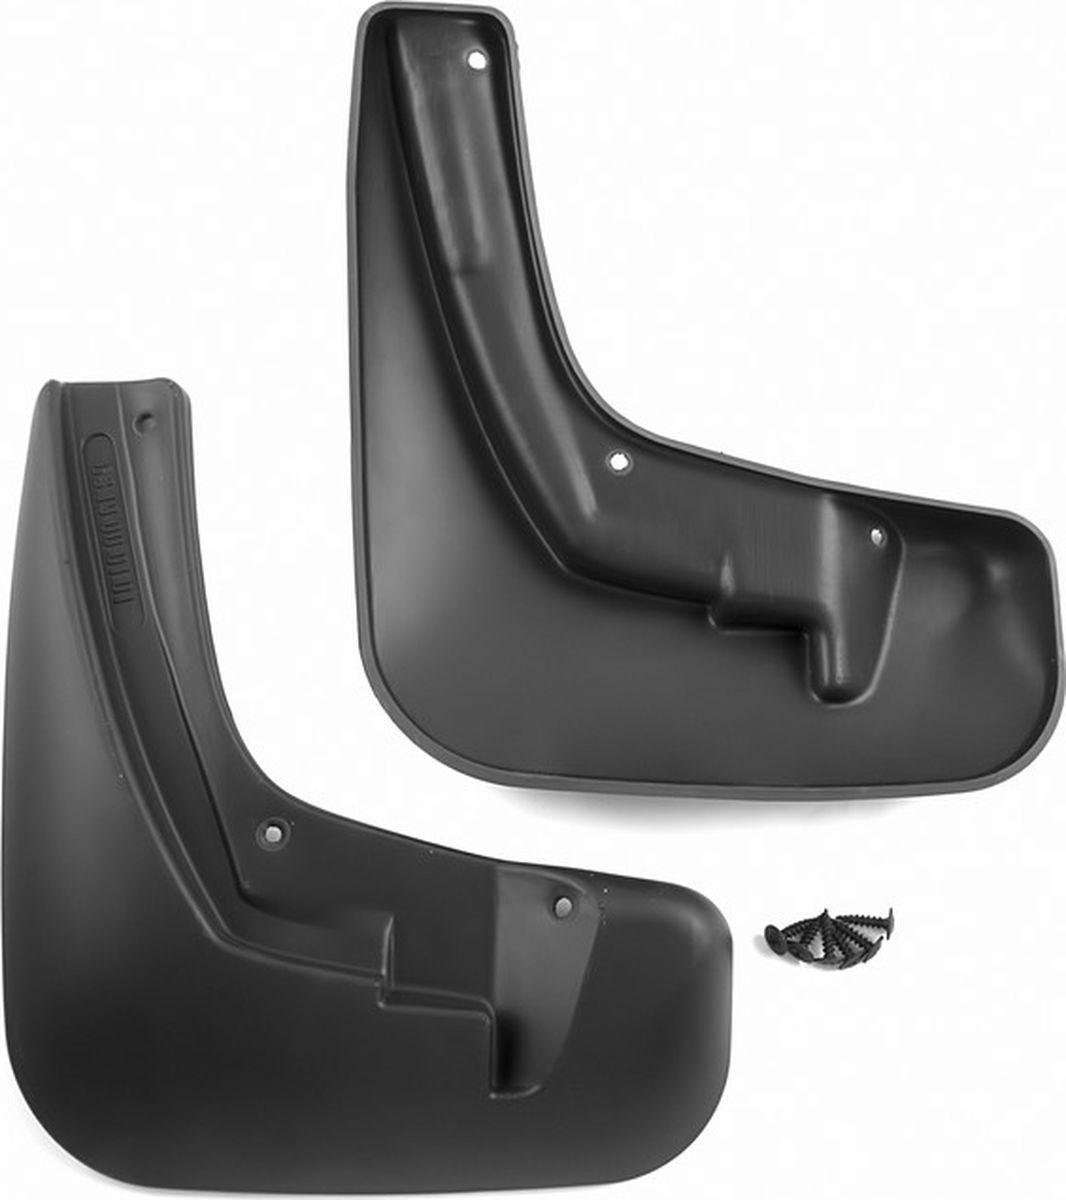 Фото - Комплект брызговиков передних Frosch для Chery Arrizo 7 M16 седан, 2014-, 2 шт комплект брызговиков передних frosch для ford mondeo седан 2015 2 шт